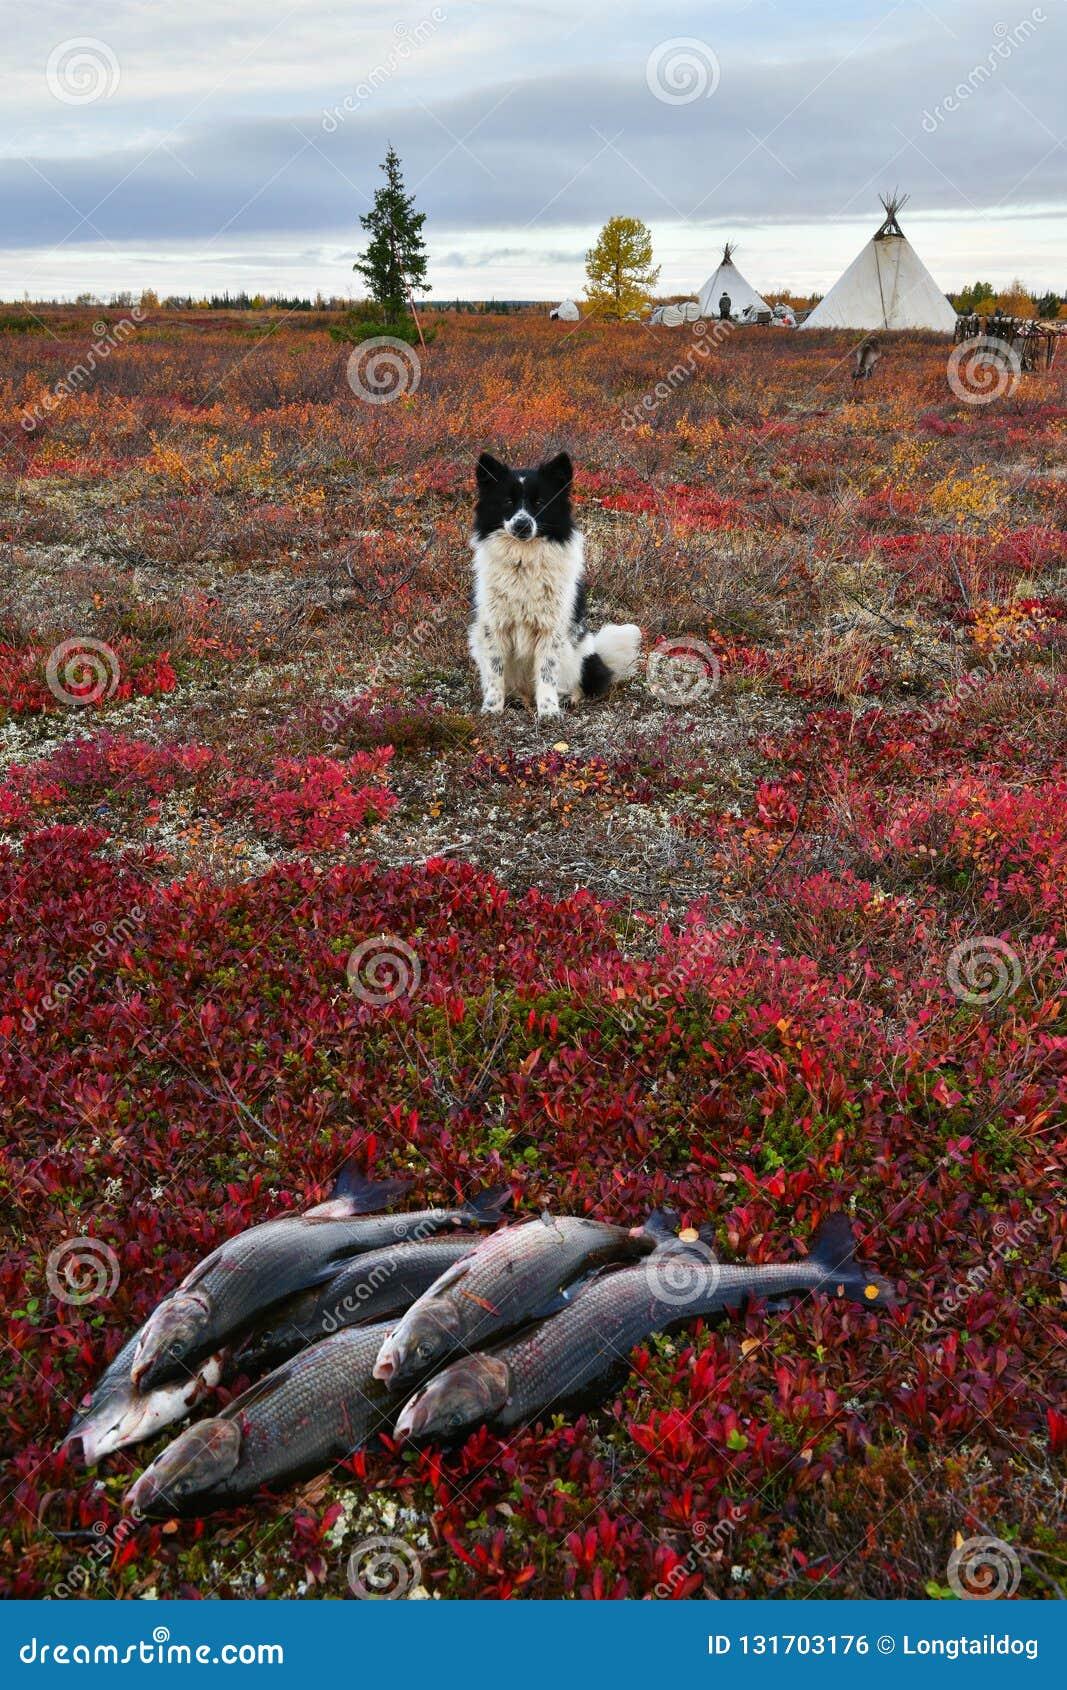 Nenets laika rests nearby fresh catch of grayling, Polar Circle of Russia, Yamal Peninsula